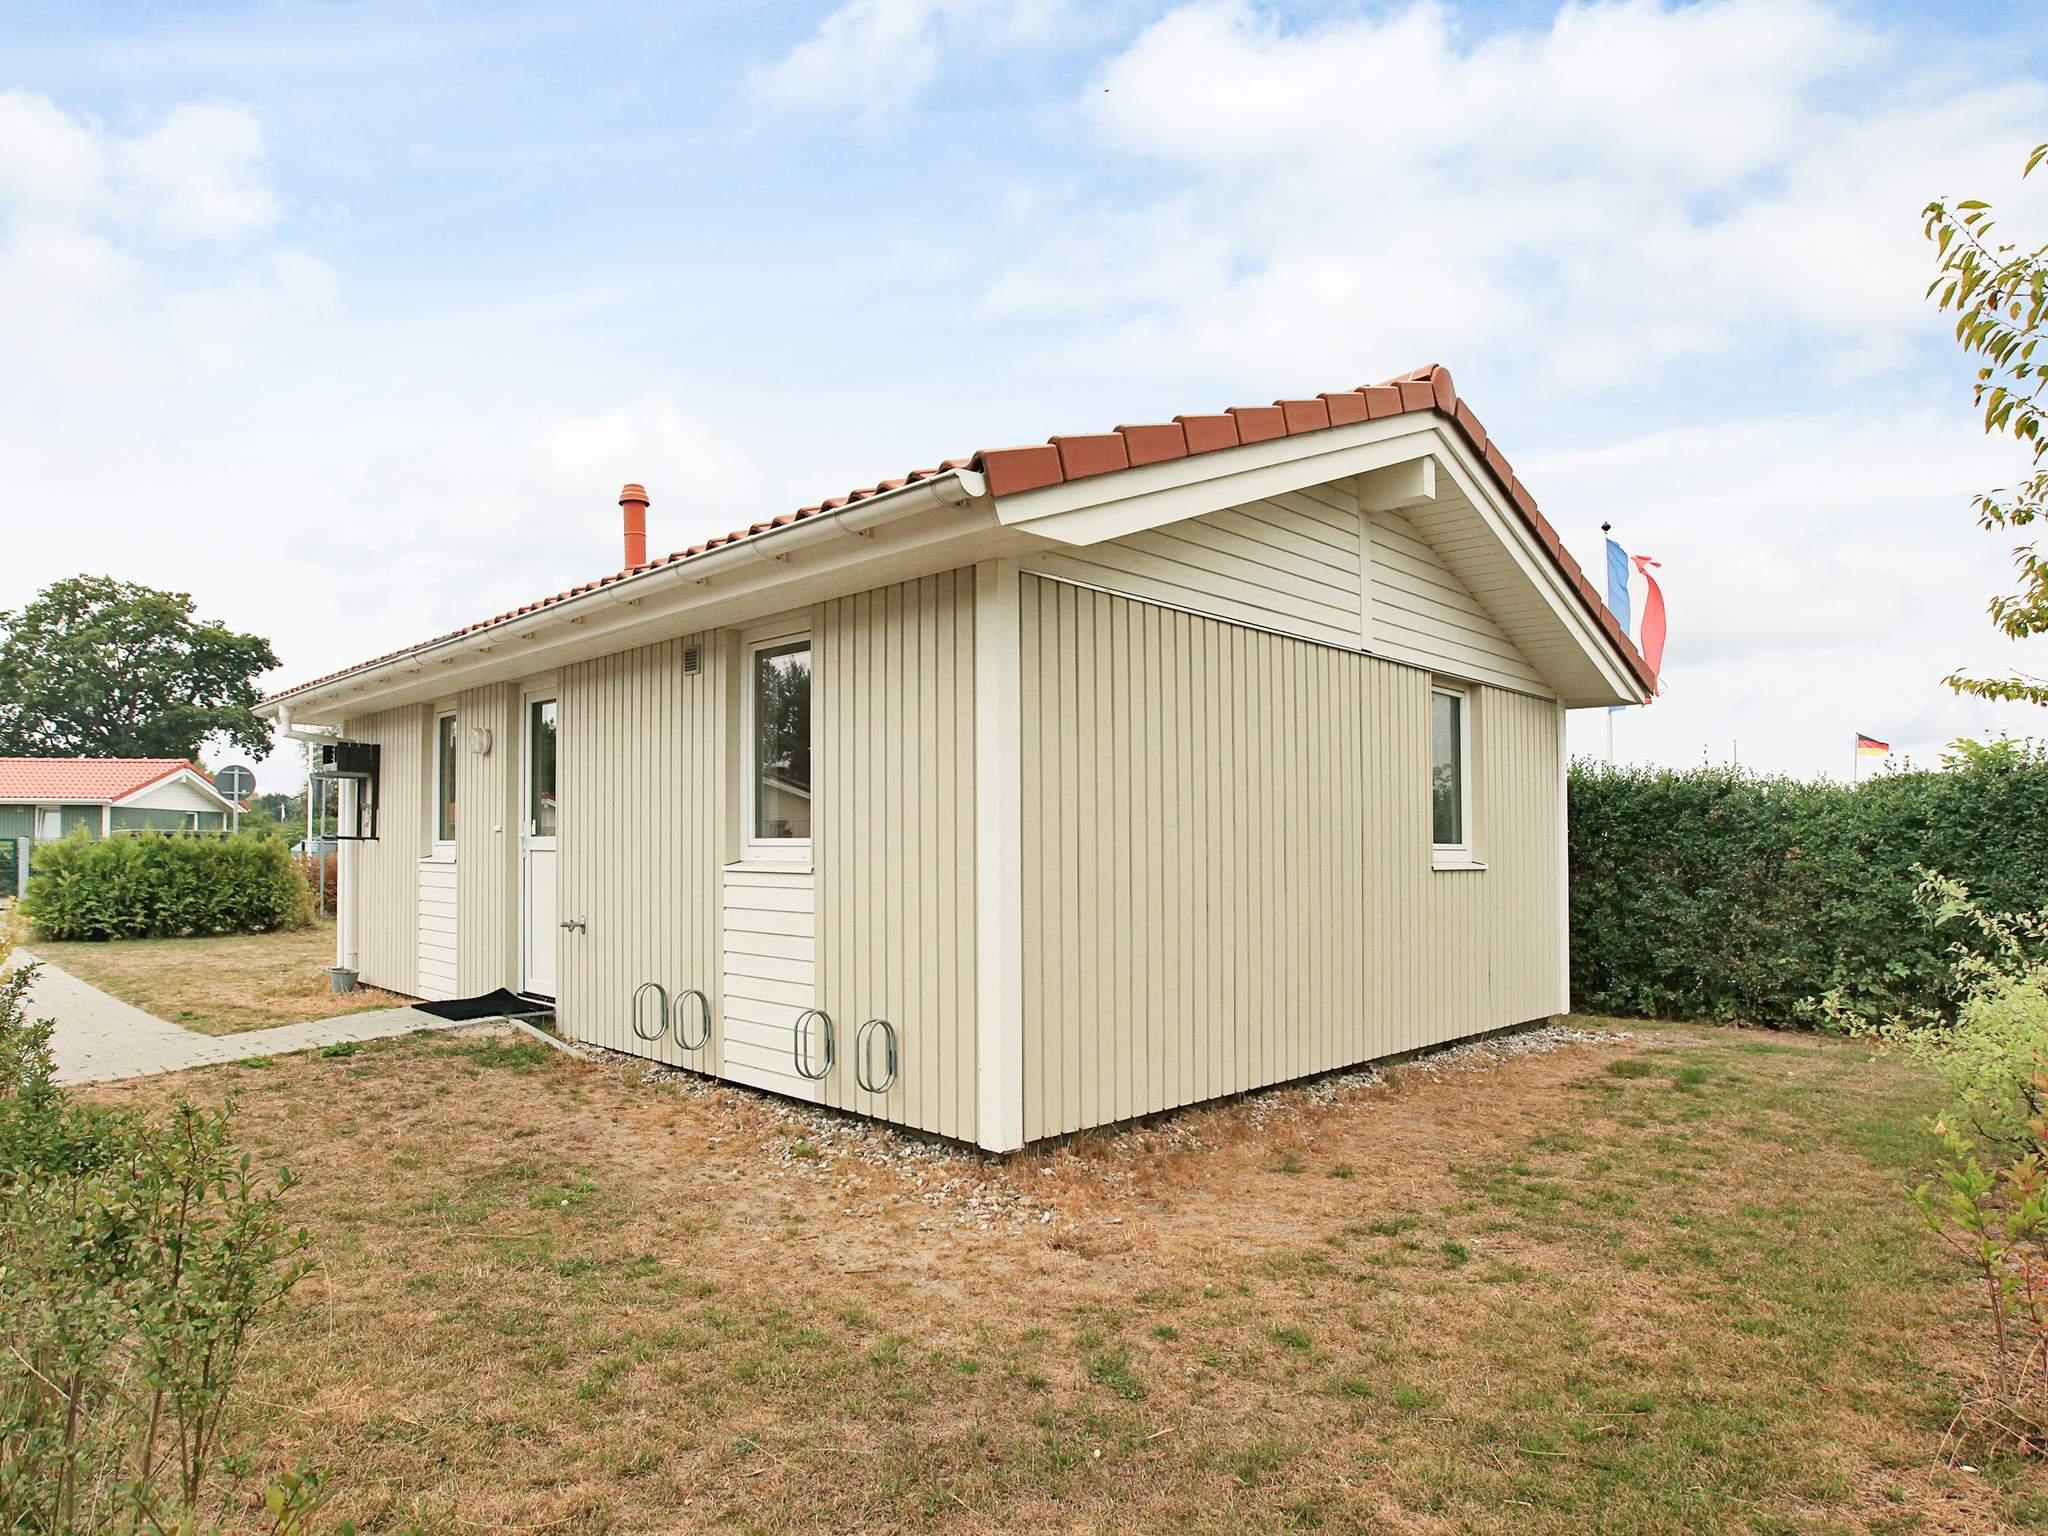 Maison de vacances Grömitz (433403), Grömitz, Baie de Lübeck, Schleswig-Holstein, Allemagne, image 16